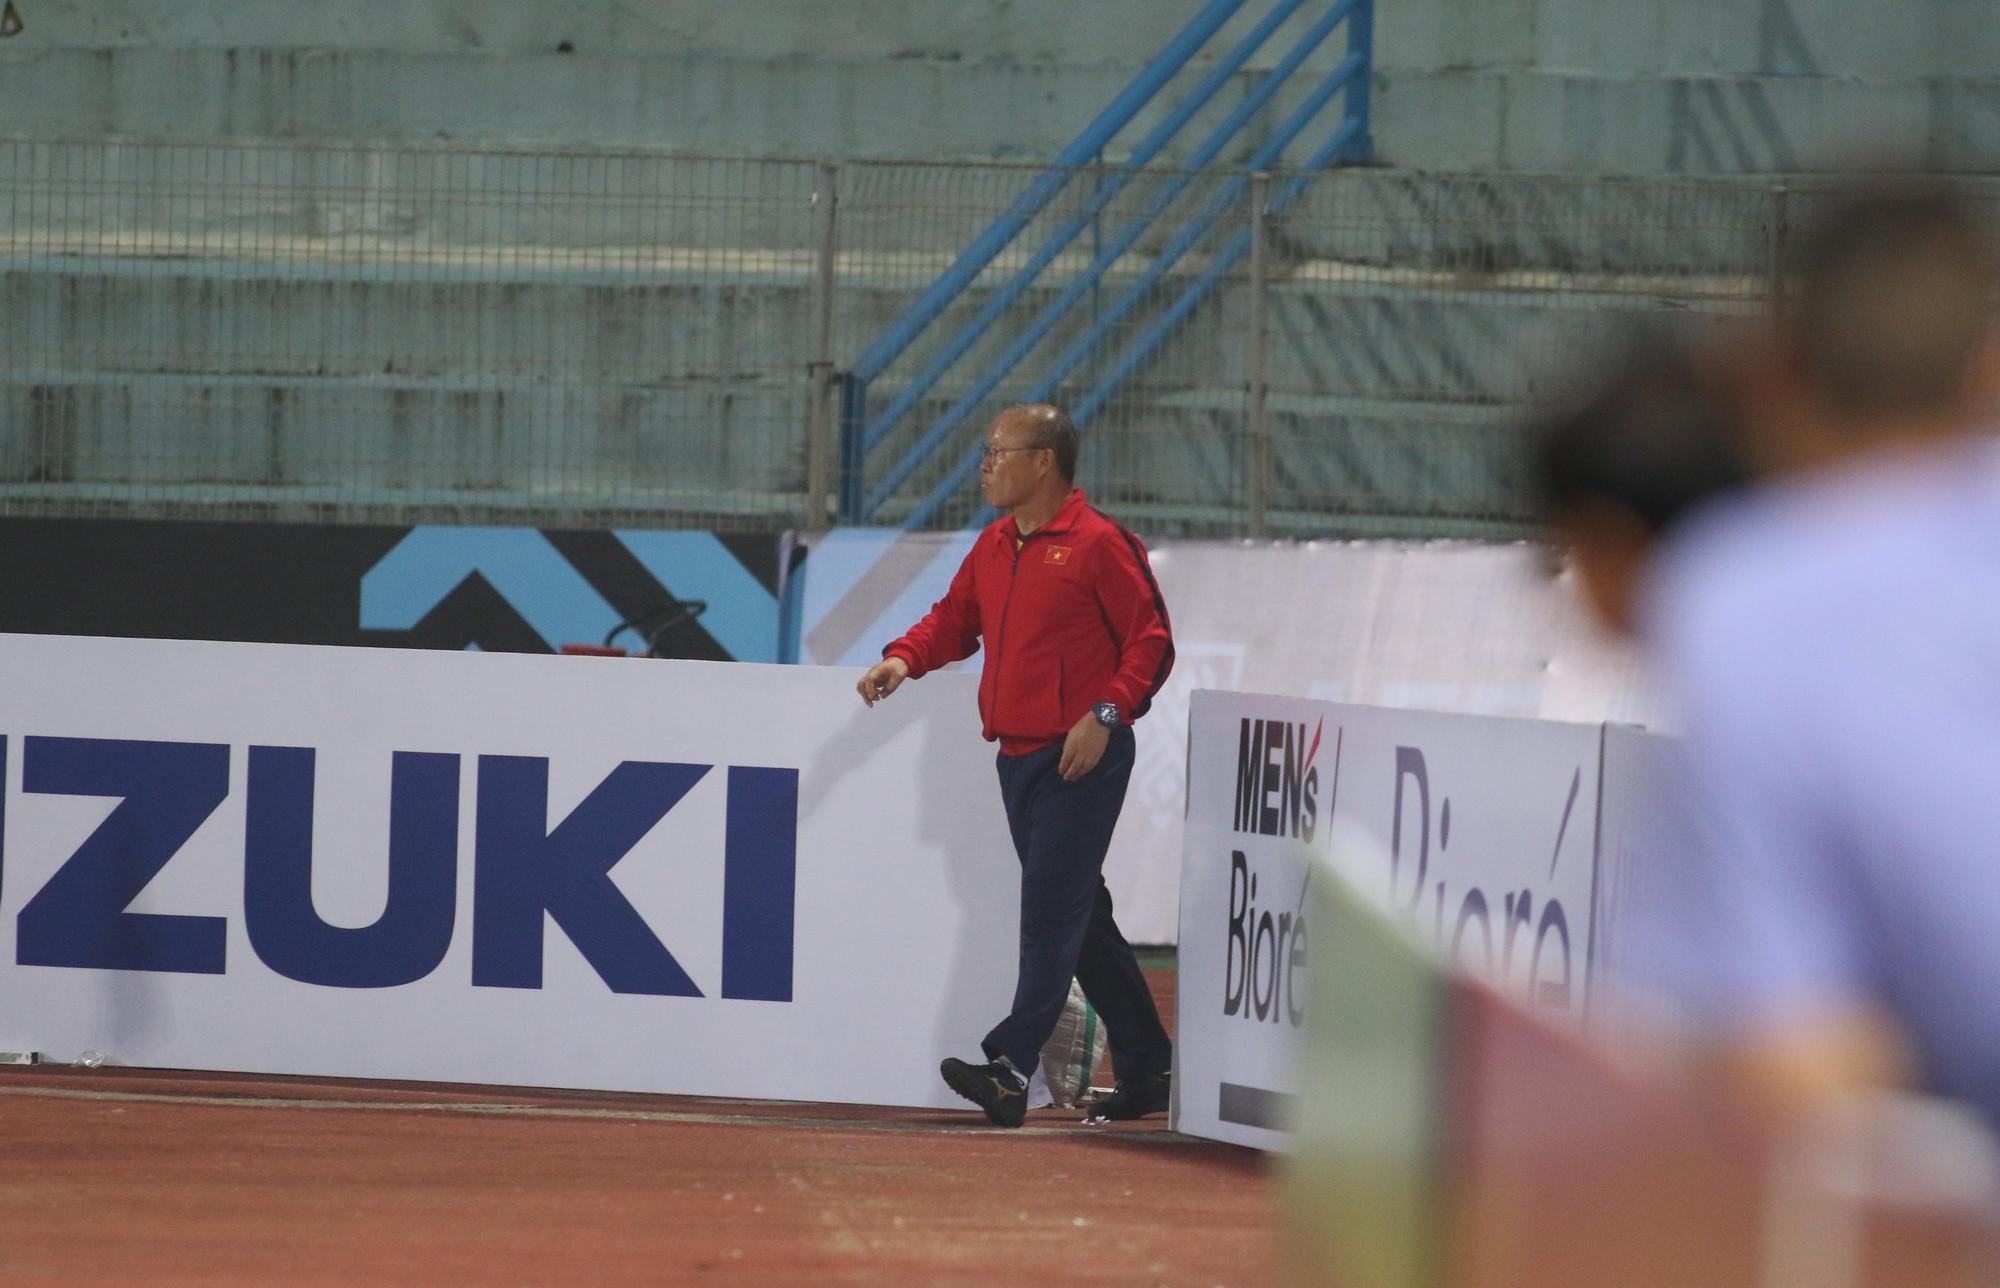 HLV Park Hang Seo cấm cầu thủ vượt rào trước trận gặp Campuchia - Ảnh 1.